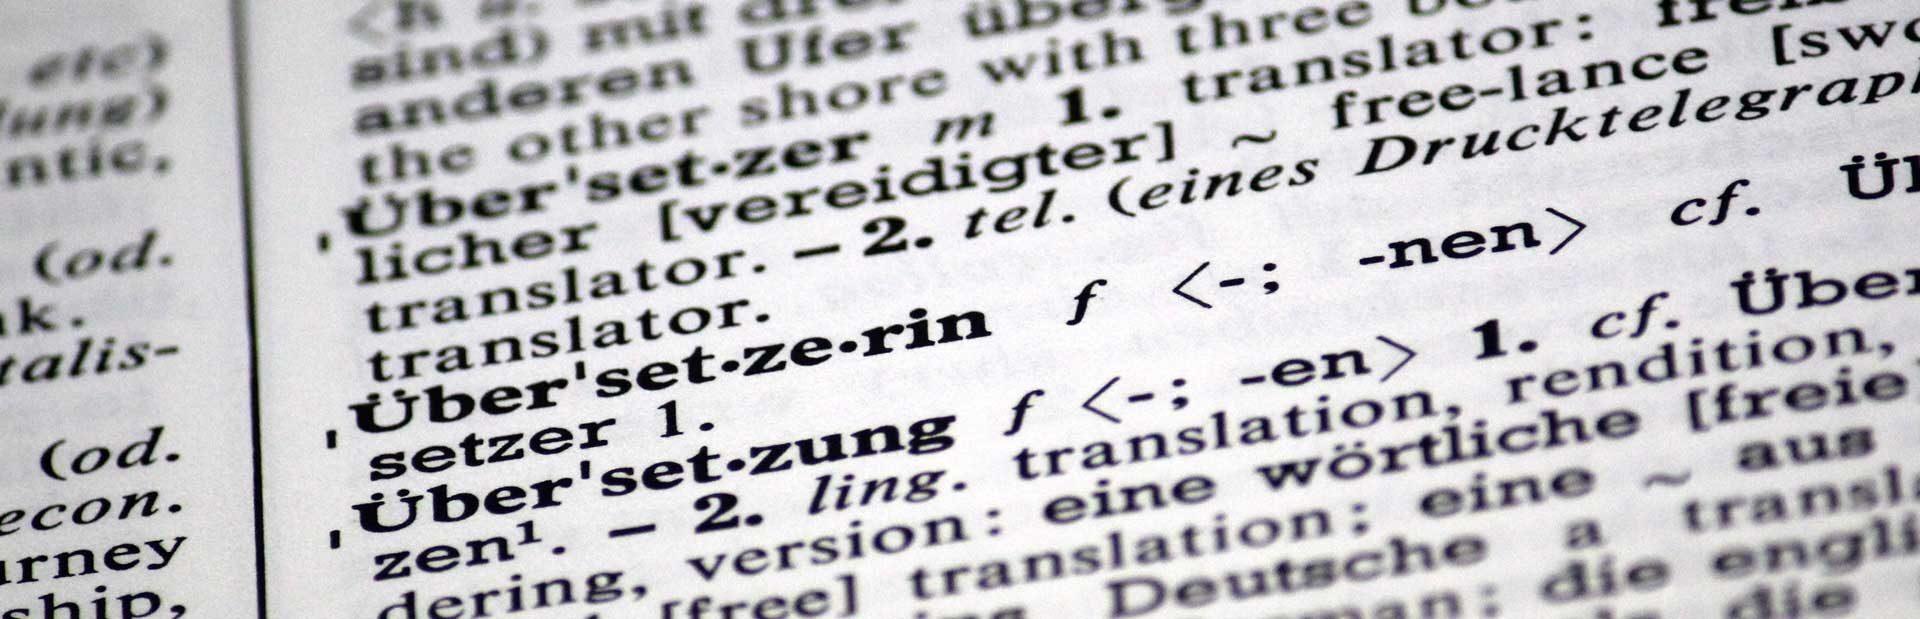 DESK Sprachkurse in München und Herrsching, Übersetzung, Wörterbuch